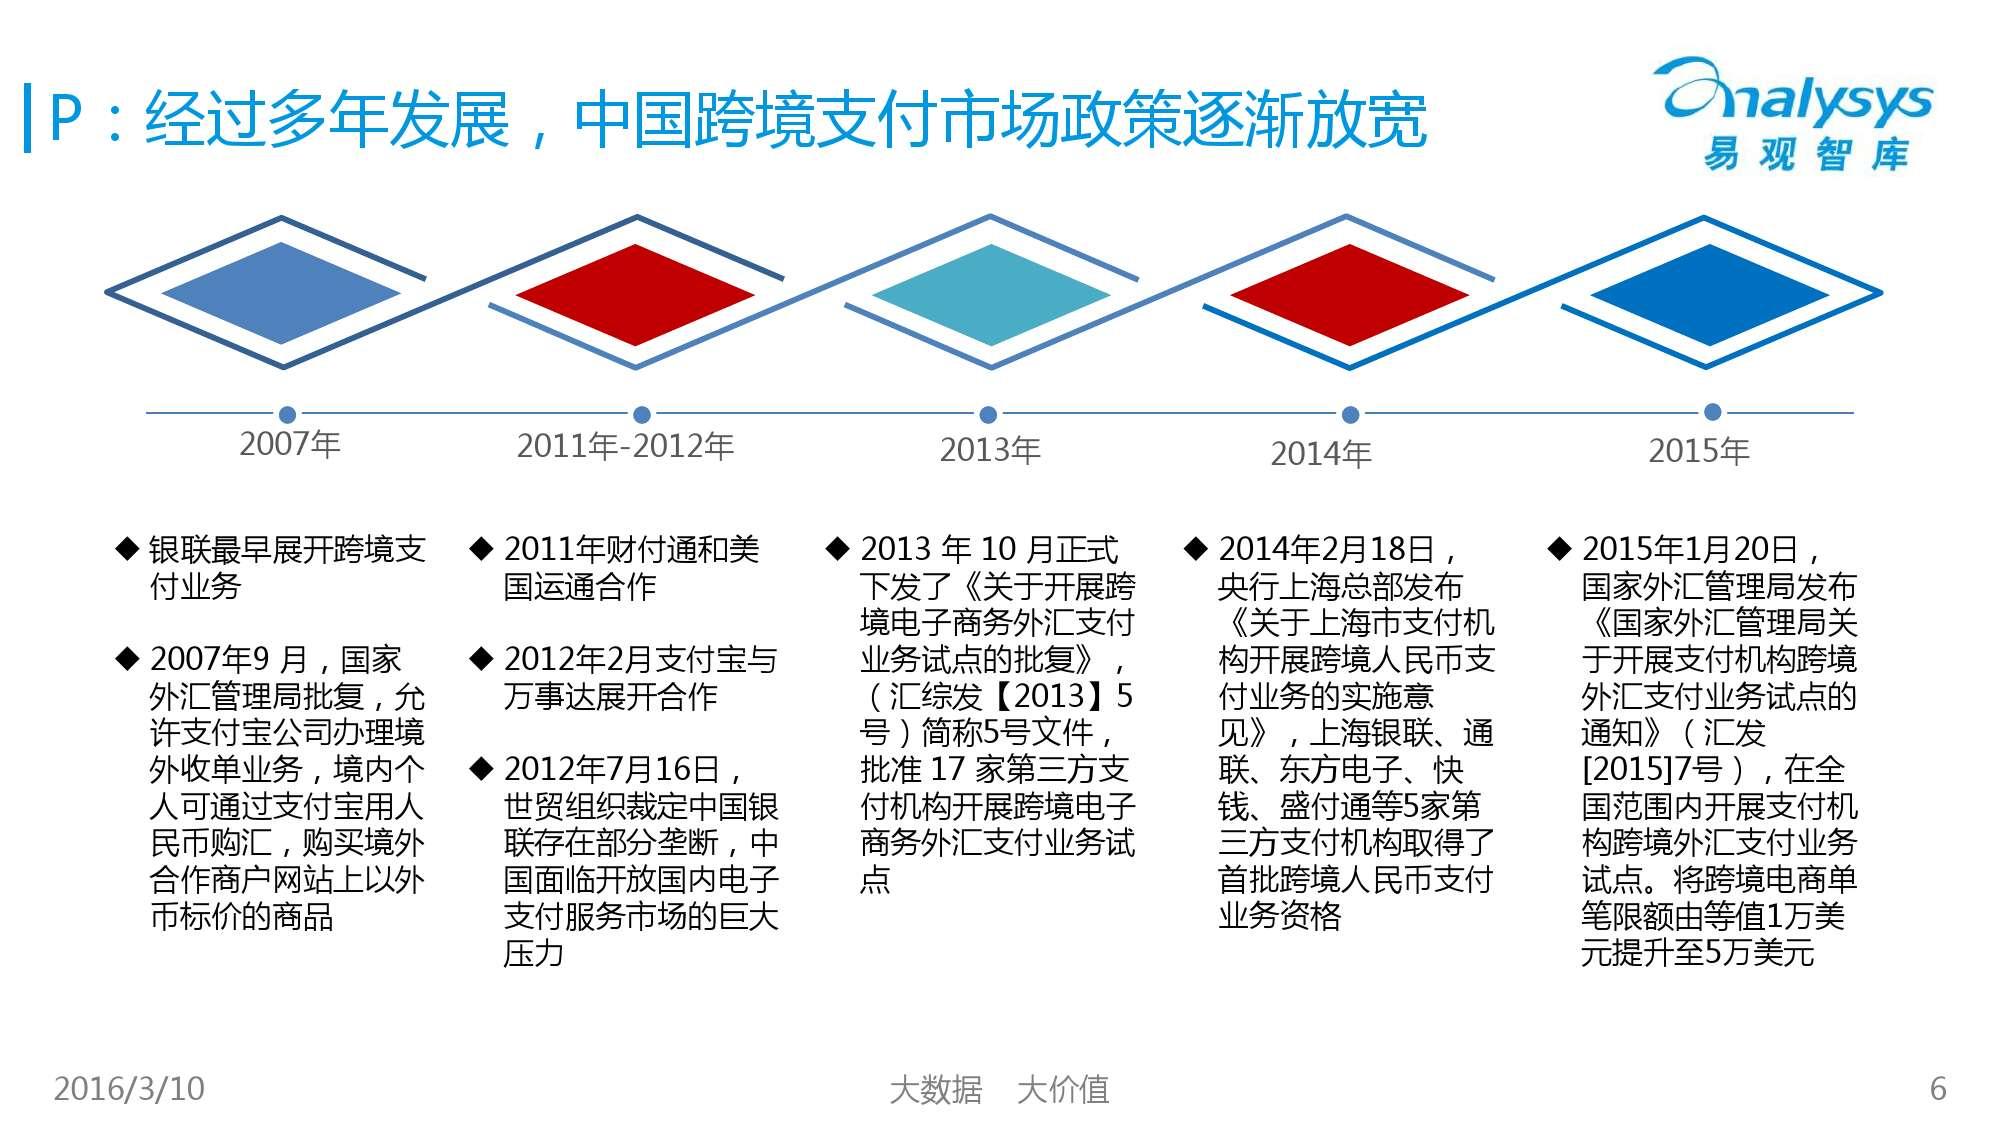 中国跨境支付市场专题研究报告2016_000006